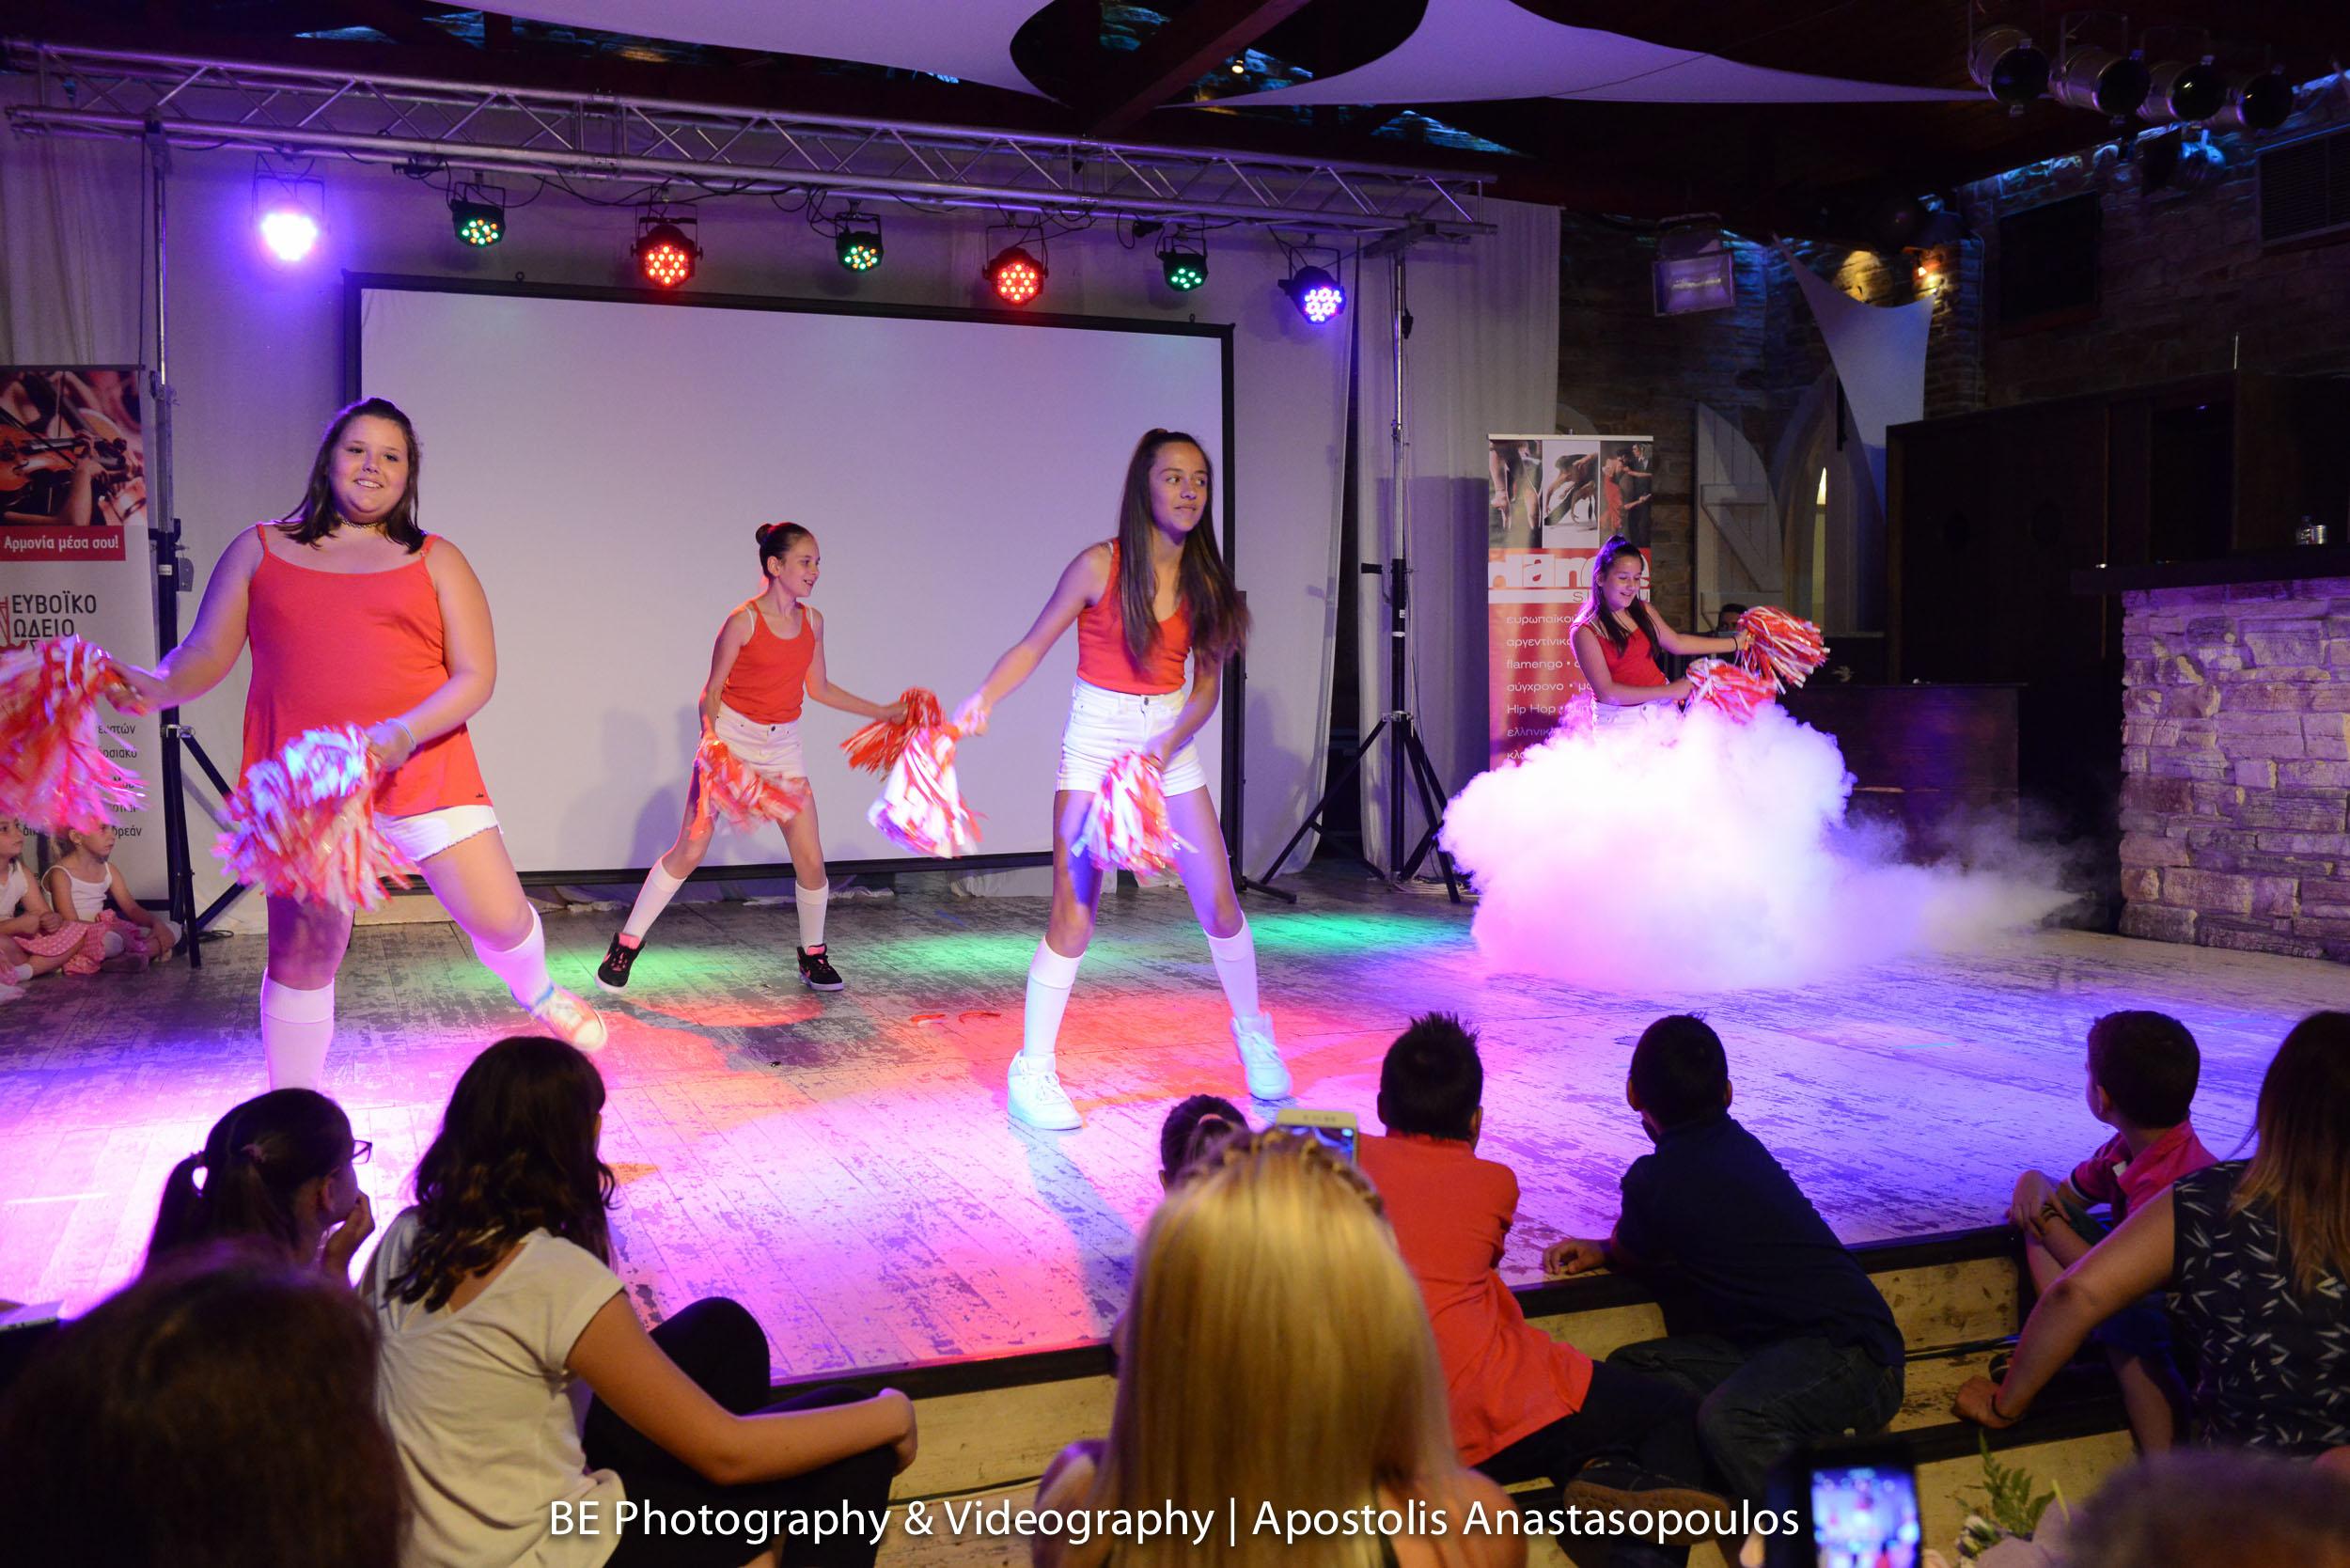 Χριστουγεννιάτικη εκδήλωση Dance Sianou 2018 Ορωπός